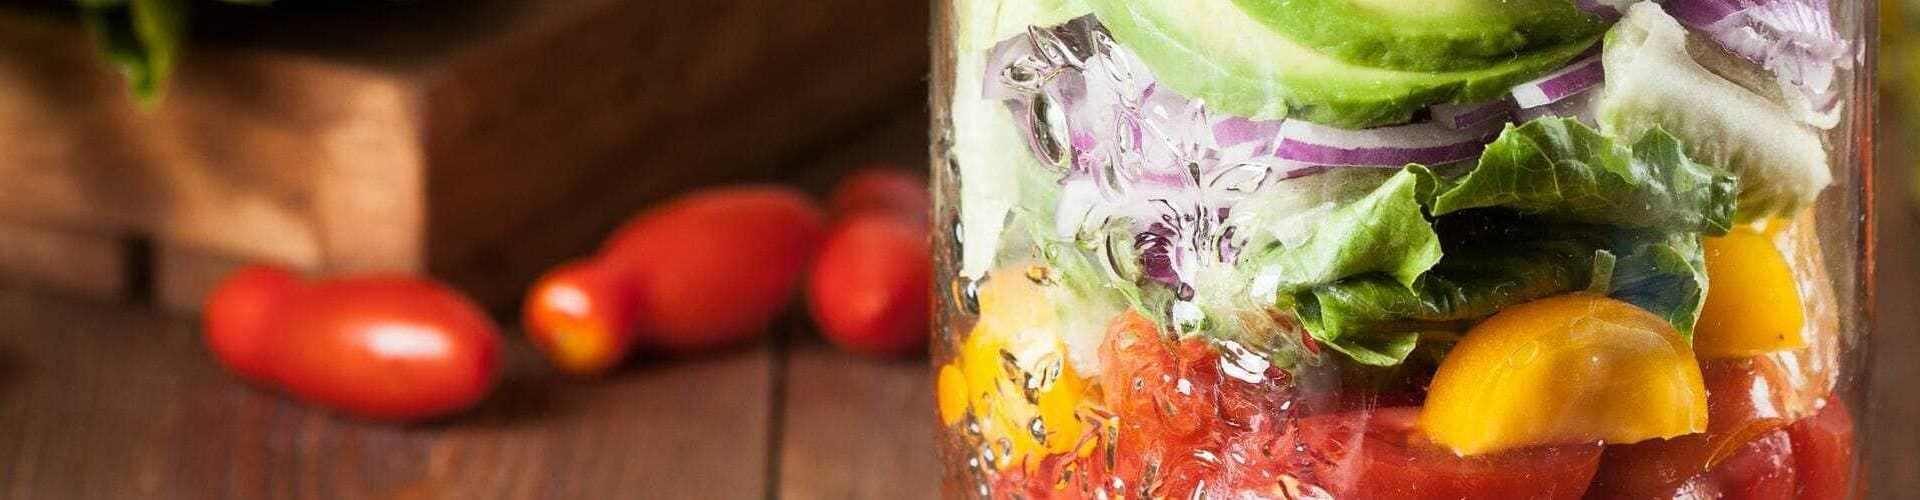 7 recetas de ensaladas originales que debes probar - Glovo